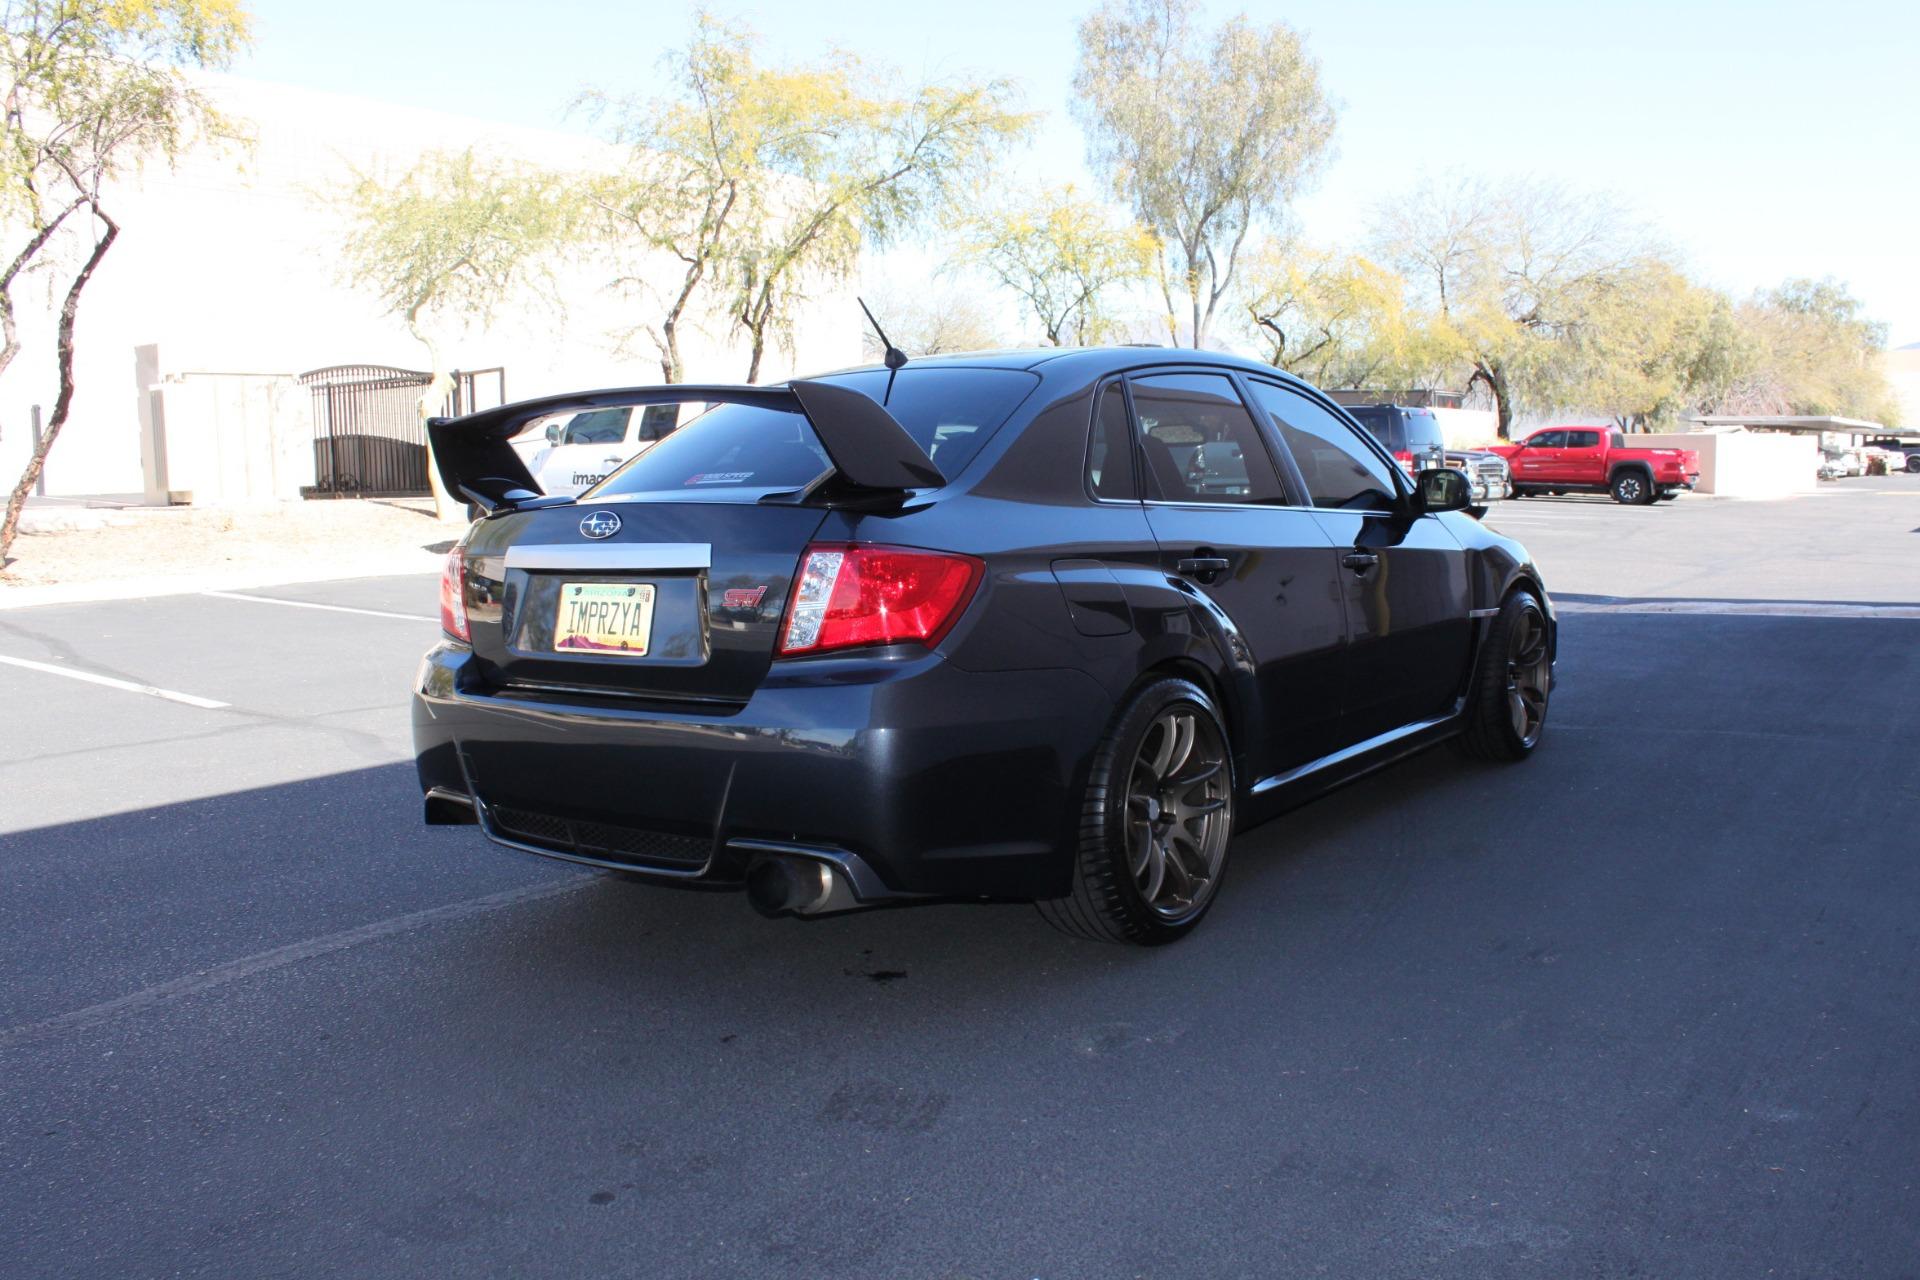 Used-2011-Subaru-Impreza-Sedan-WRX-STI-Tesla